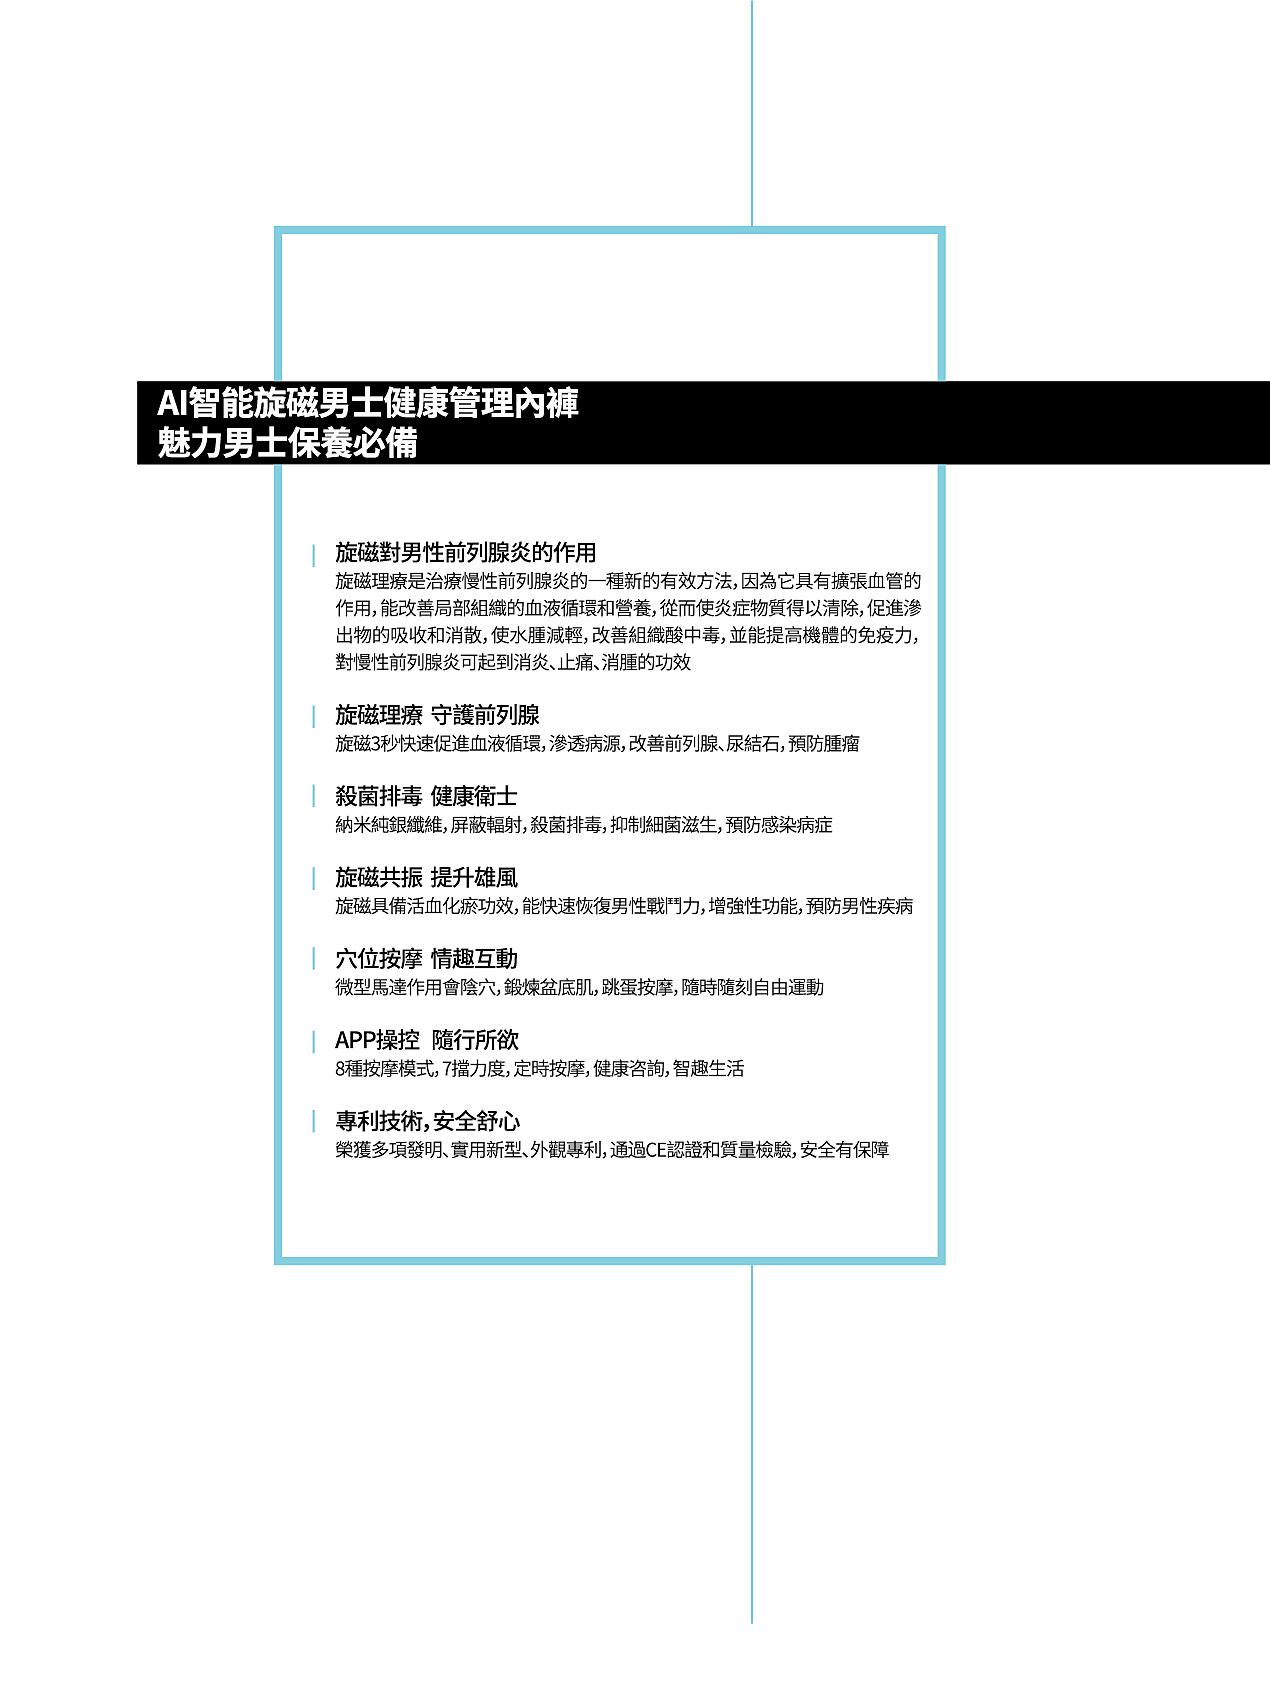 AI时代 智享未来 画册 转曲0902-24_副本.jpg